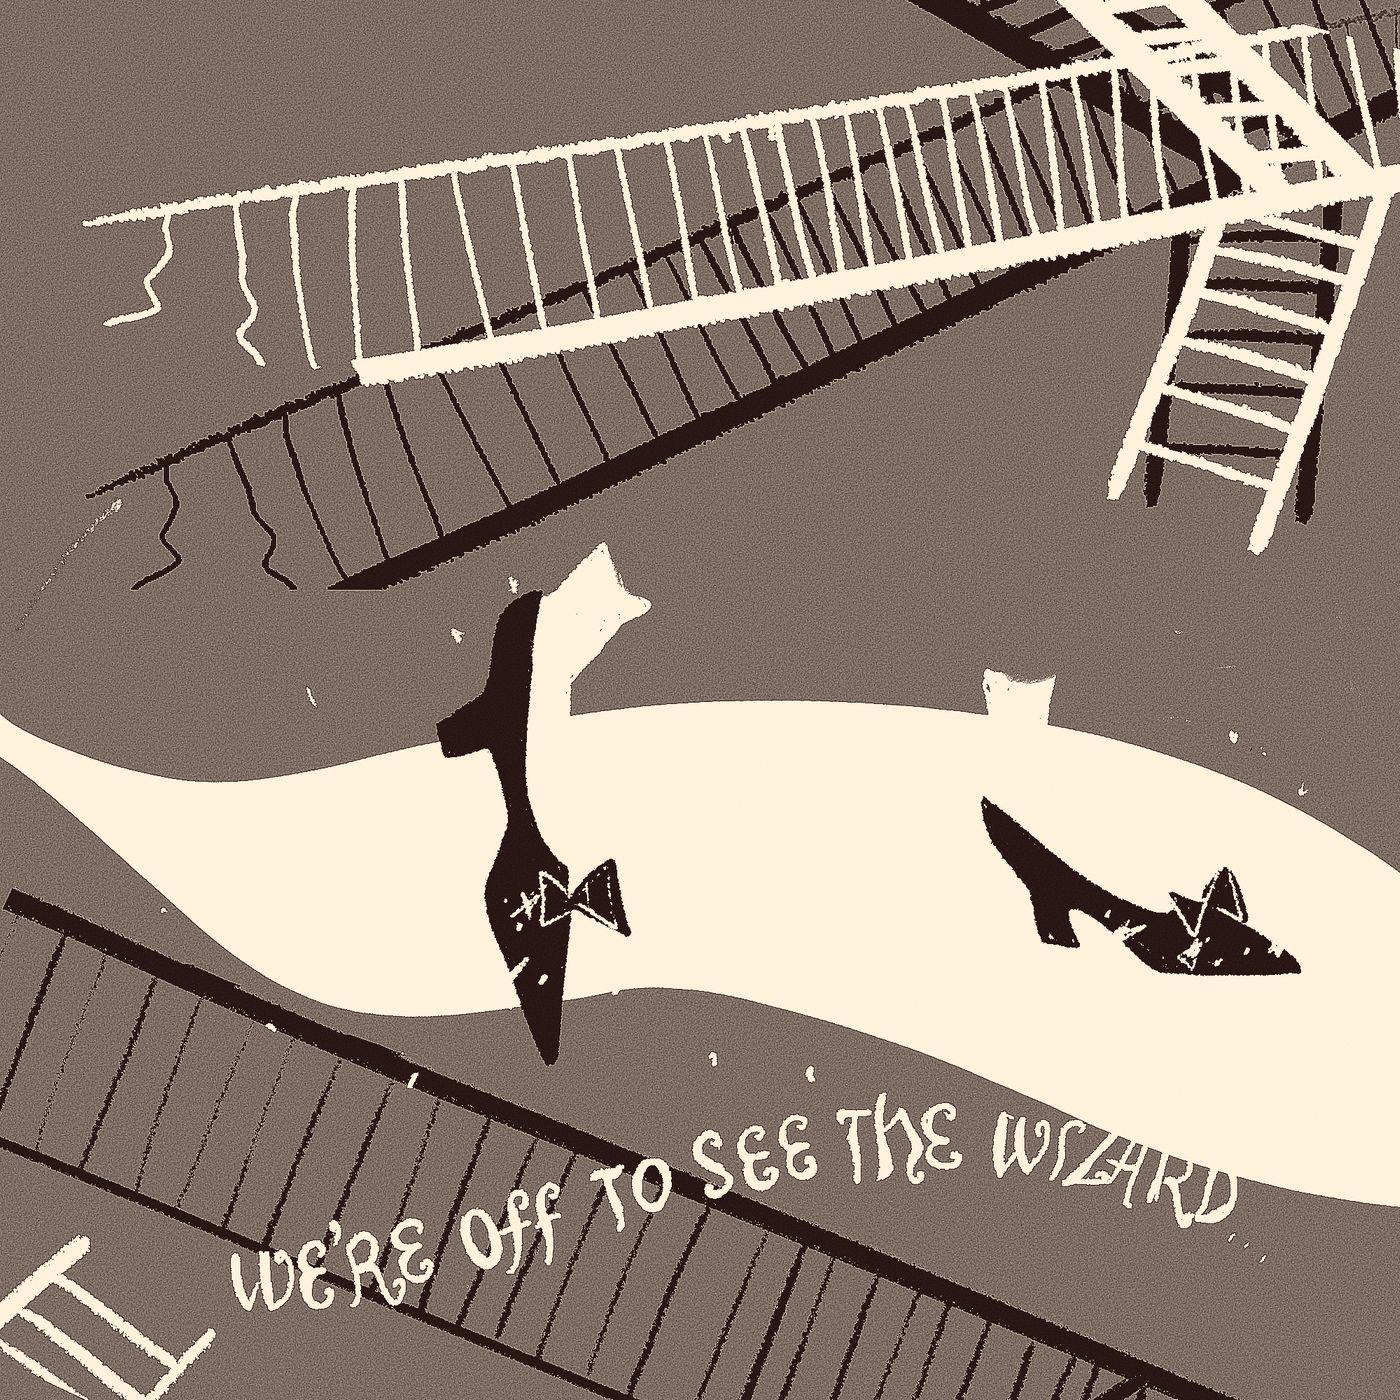 Մյուզիքլների պատմություն. Էպիզոդ 1. Առաջին ձայնային ֆիլմից մինչև <<West Side Story>>